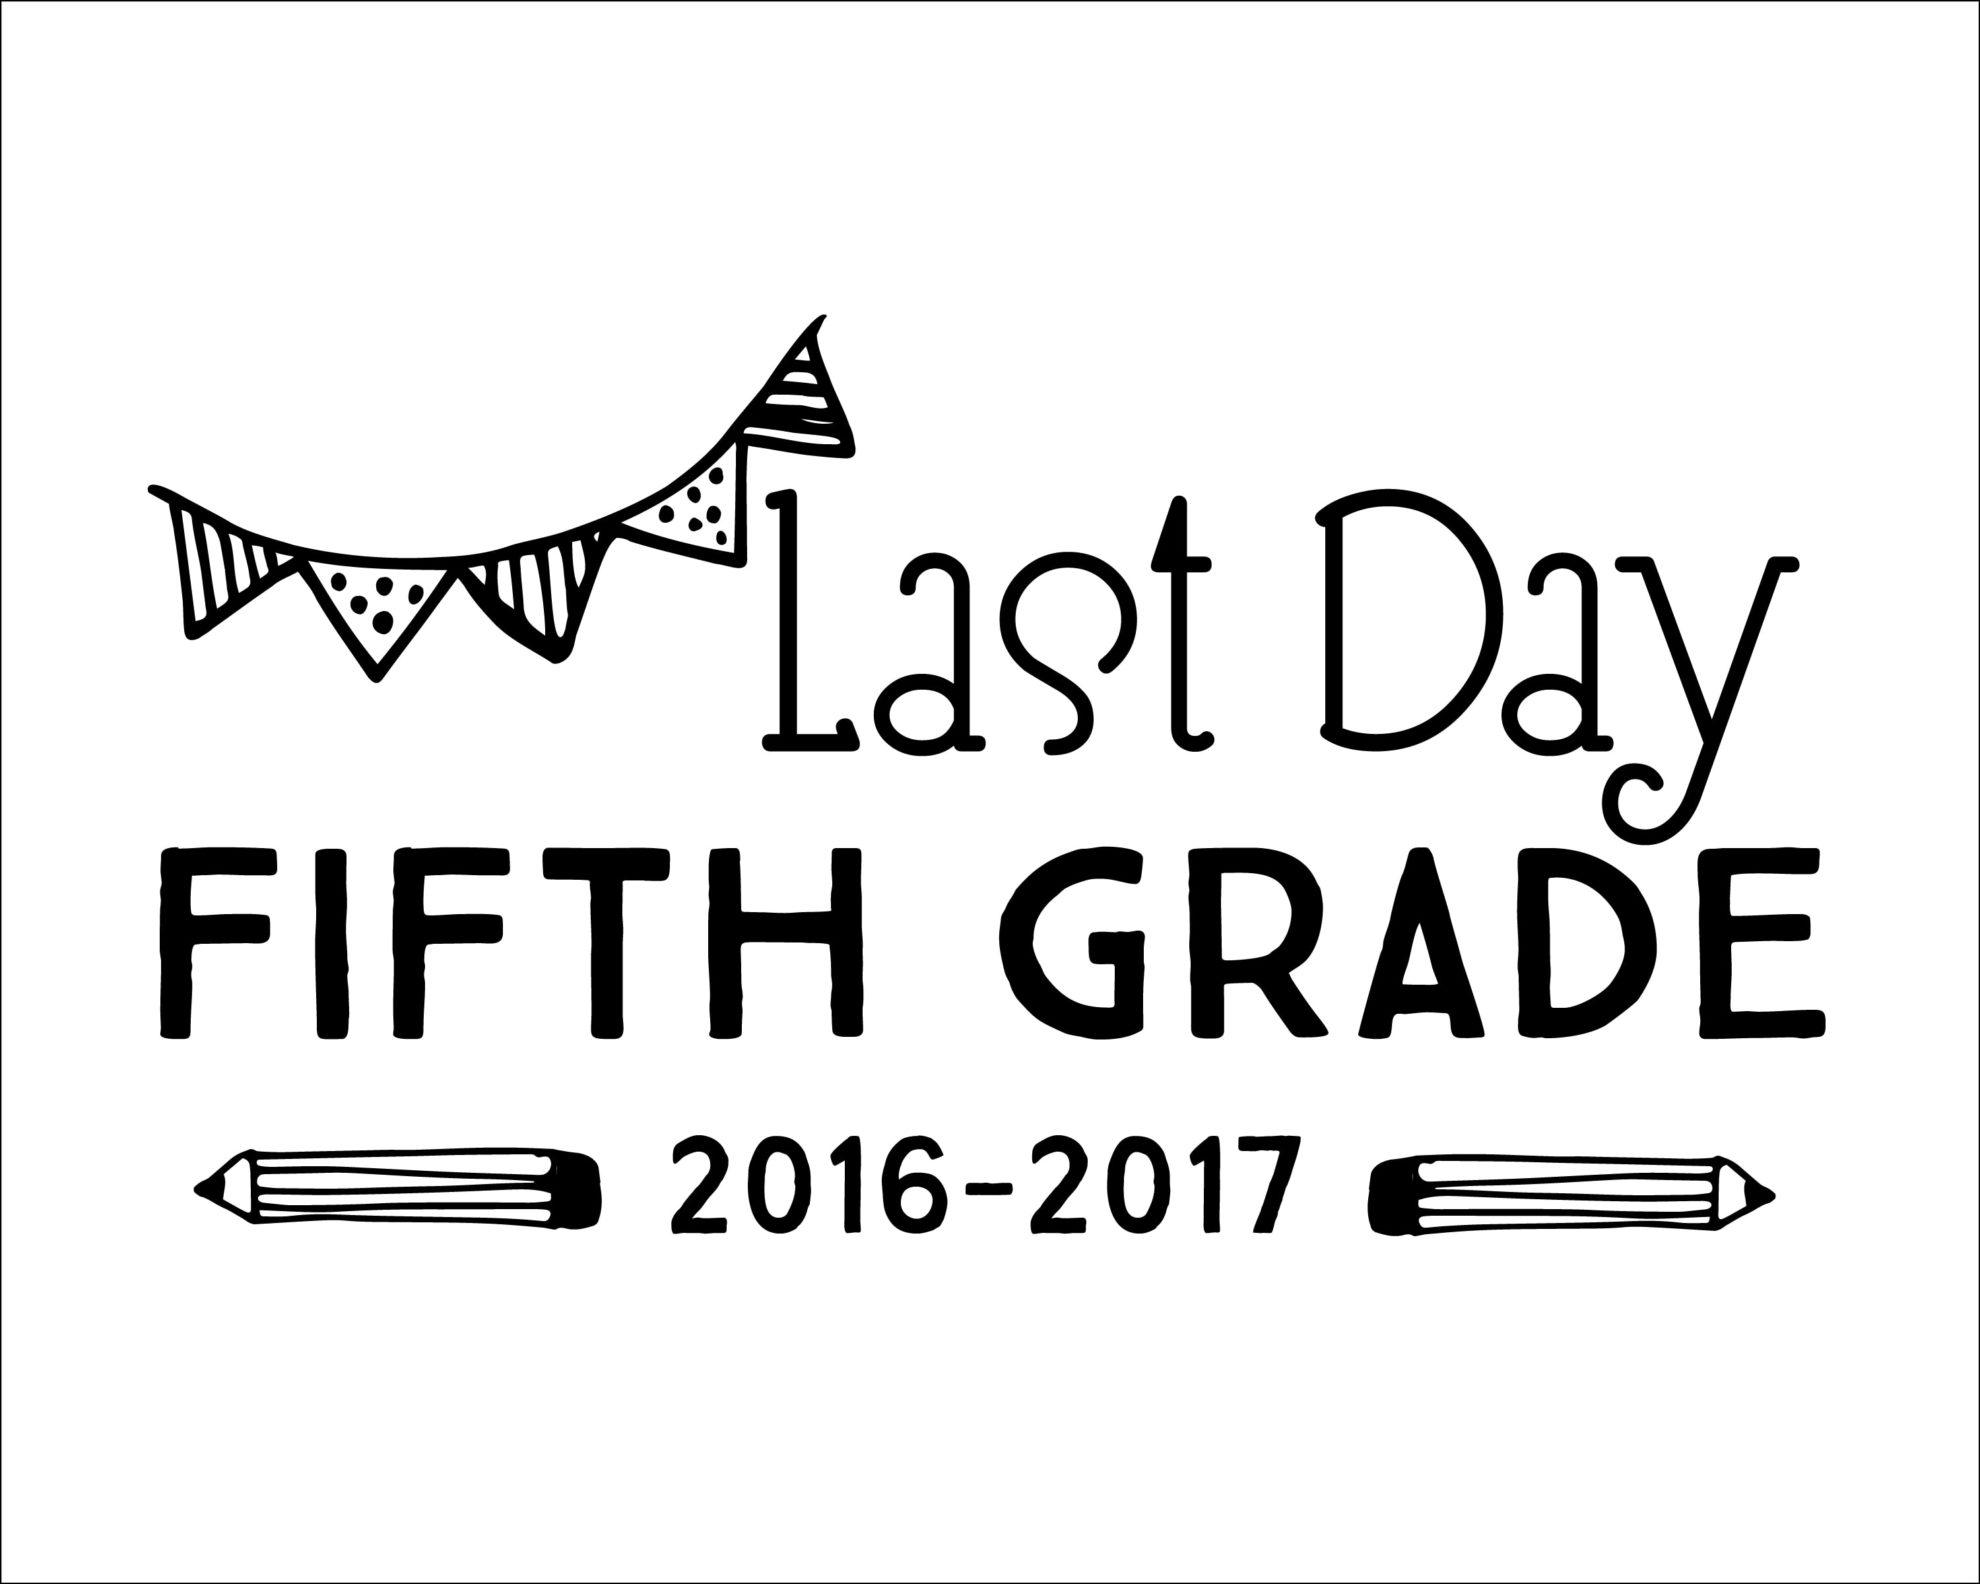 Free Printable Last Day of School Signs - TwentyFive ...